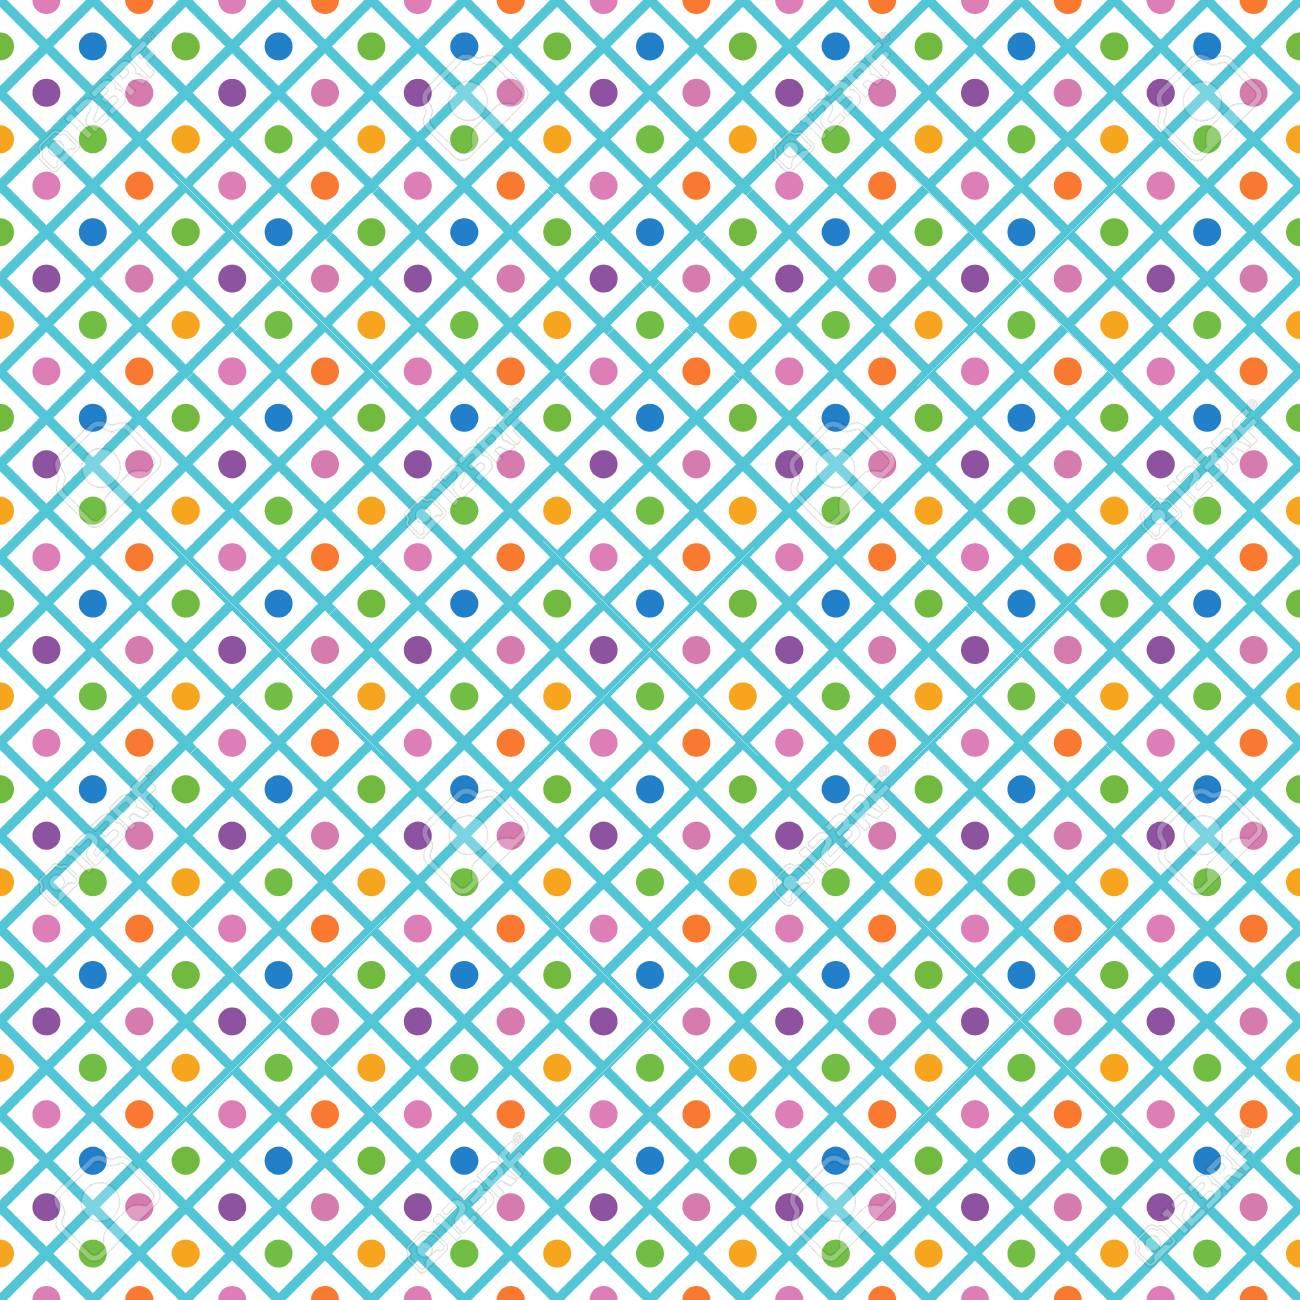 Helle Bunte Nahtlose Muster Für Baby Stil Vektor Illustration Für